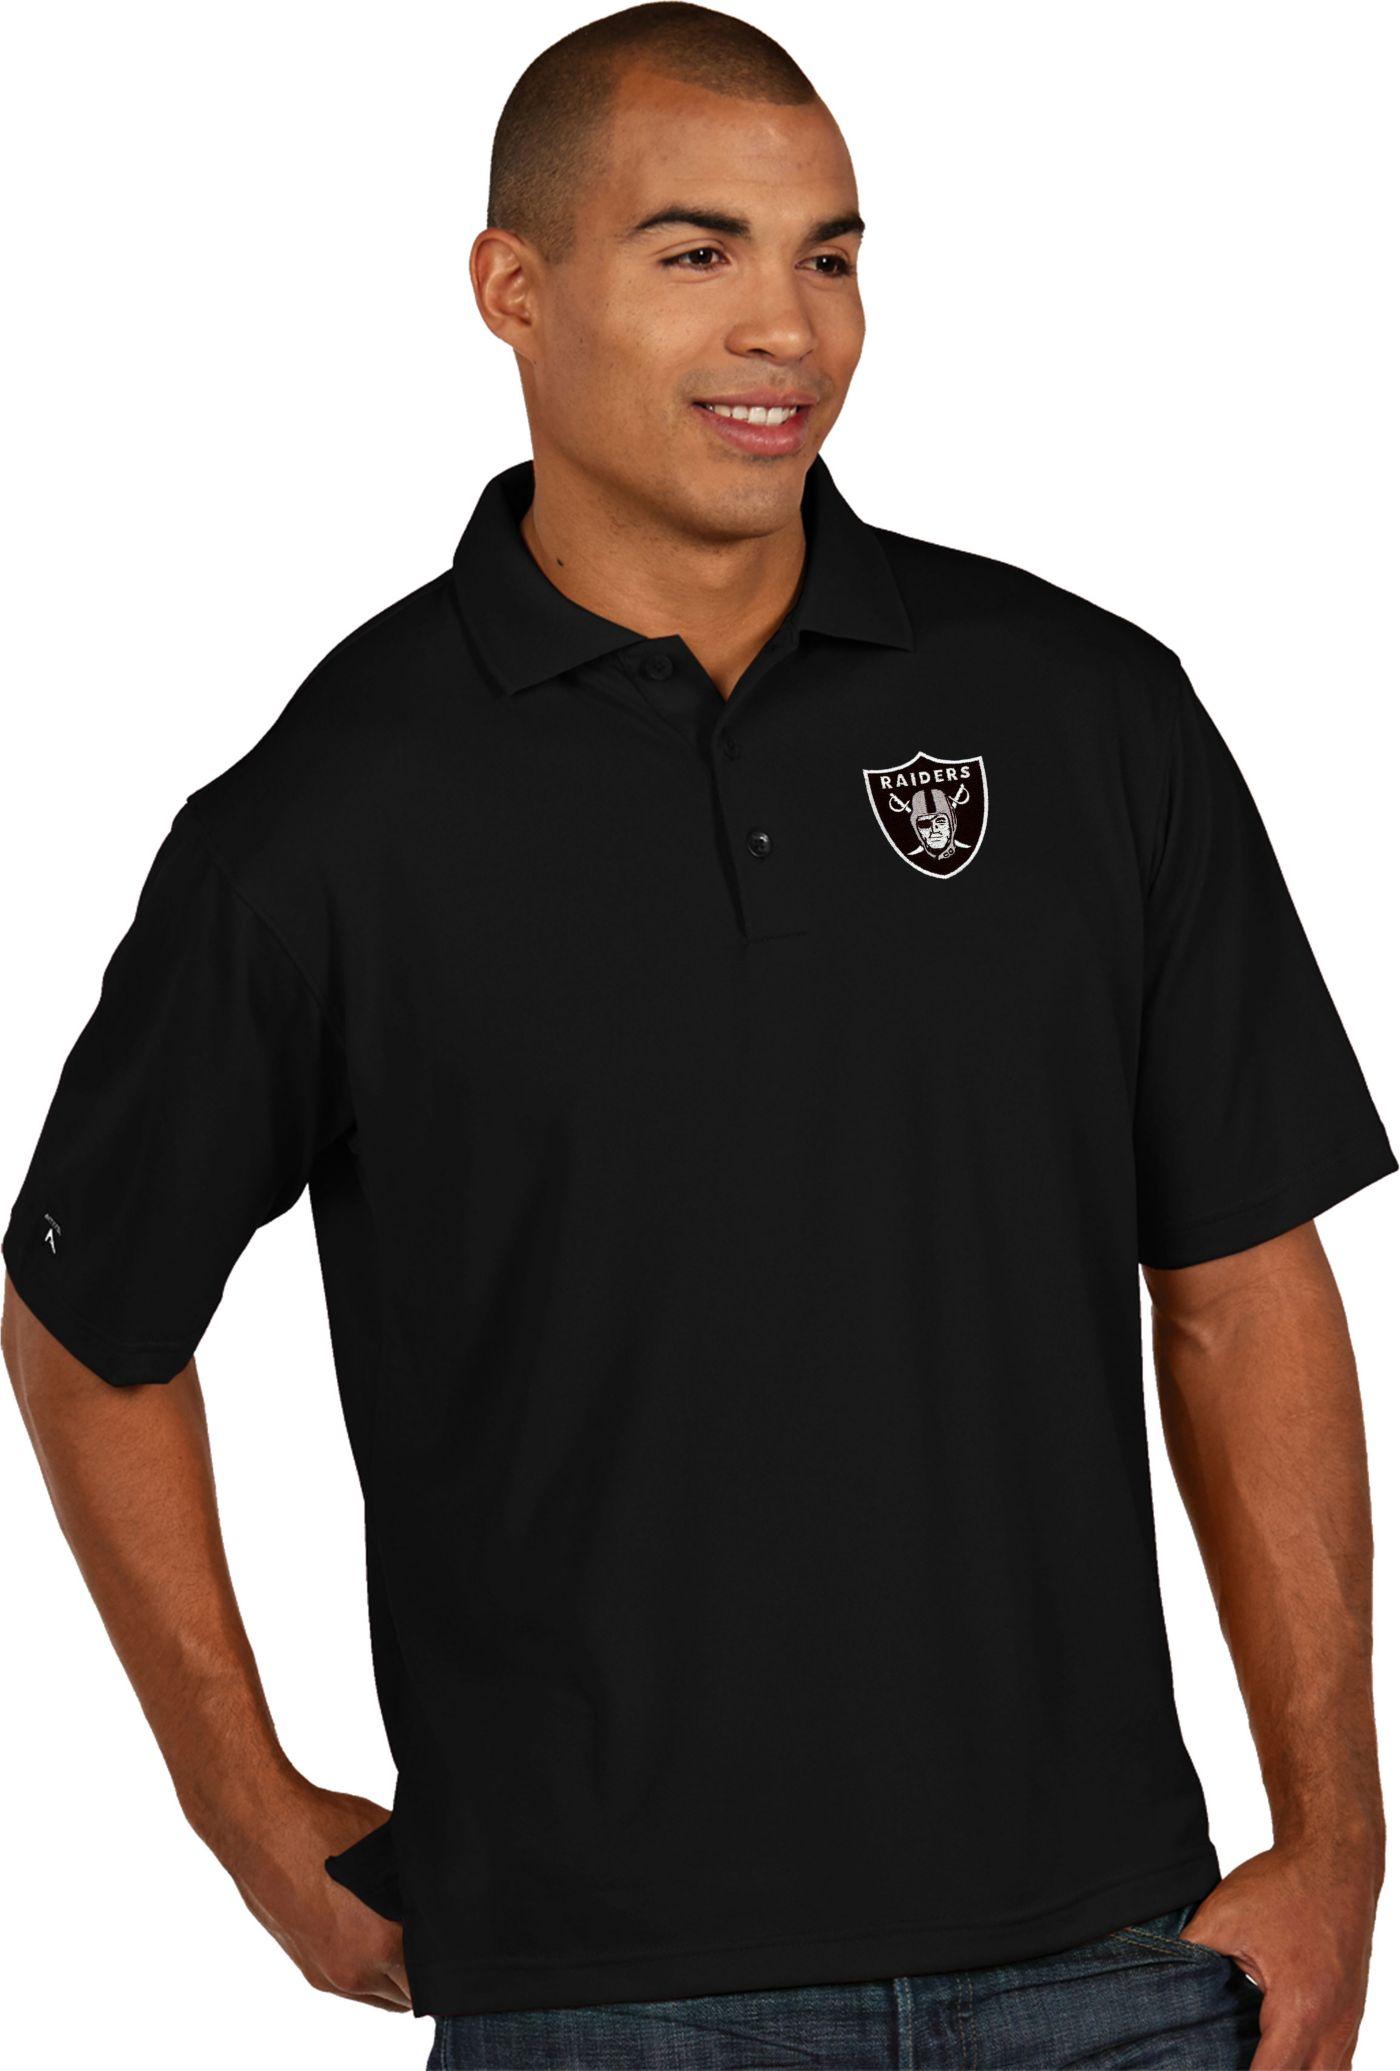 Antigua Men's Oakland Raiders Pique Xtra-Lite Black Polo